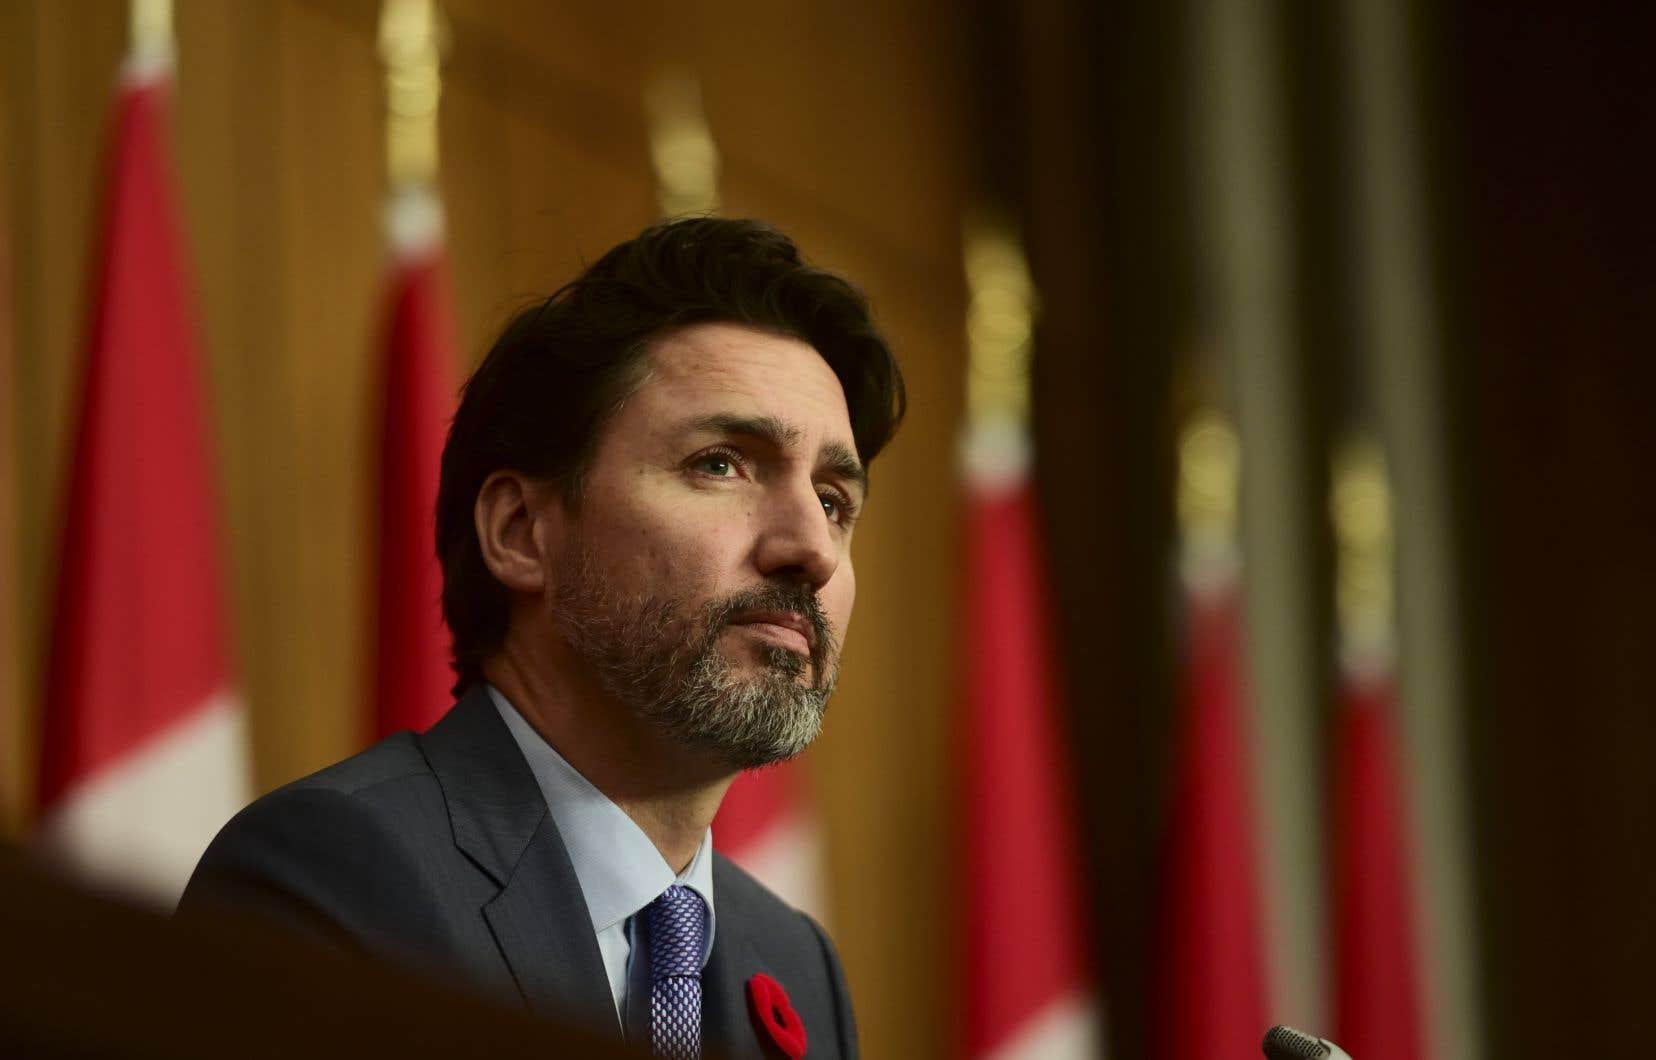 «La Chine continue de croire que, si elle applique suffisamment de pression sur nous, nous céderons, quand c'est exactement le contraire de notre position», a déclaré le premier ministre canadien dans un entretien au «Financial Times».